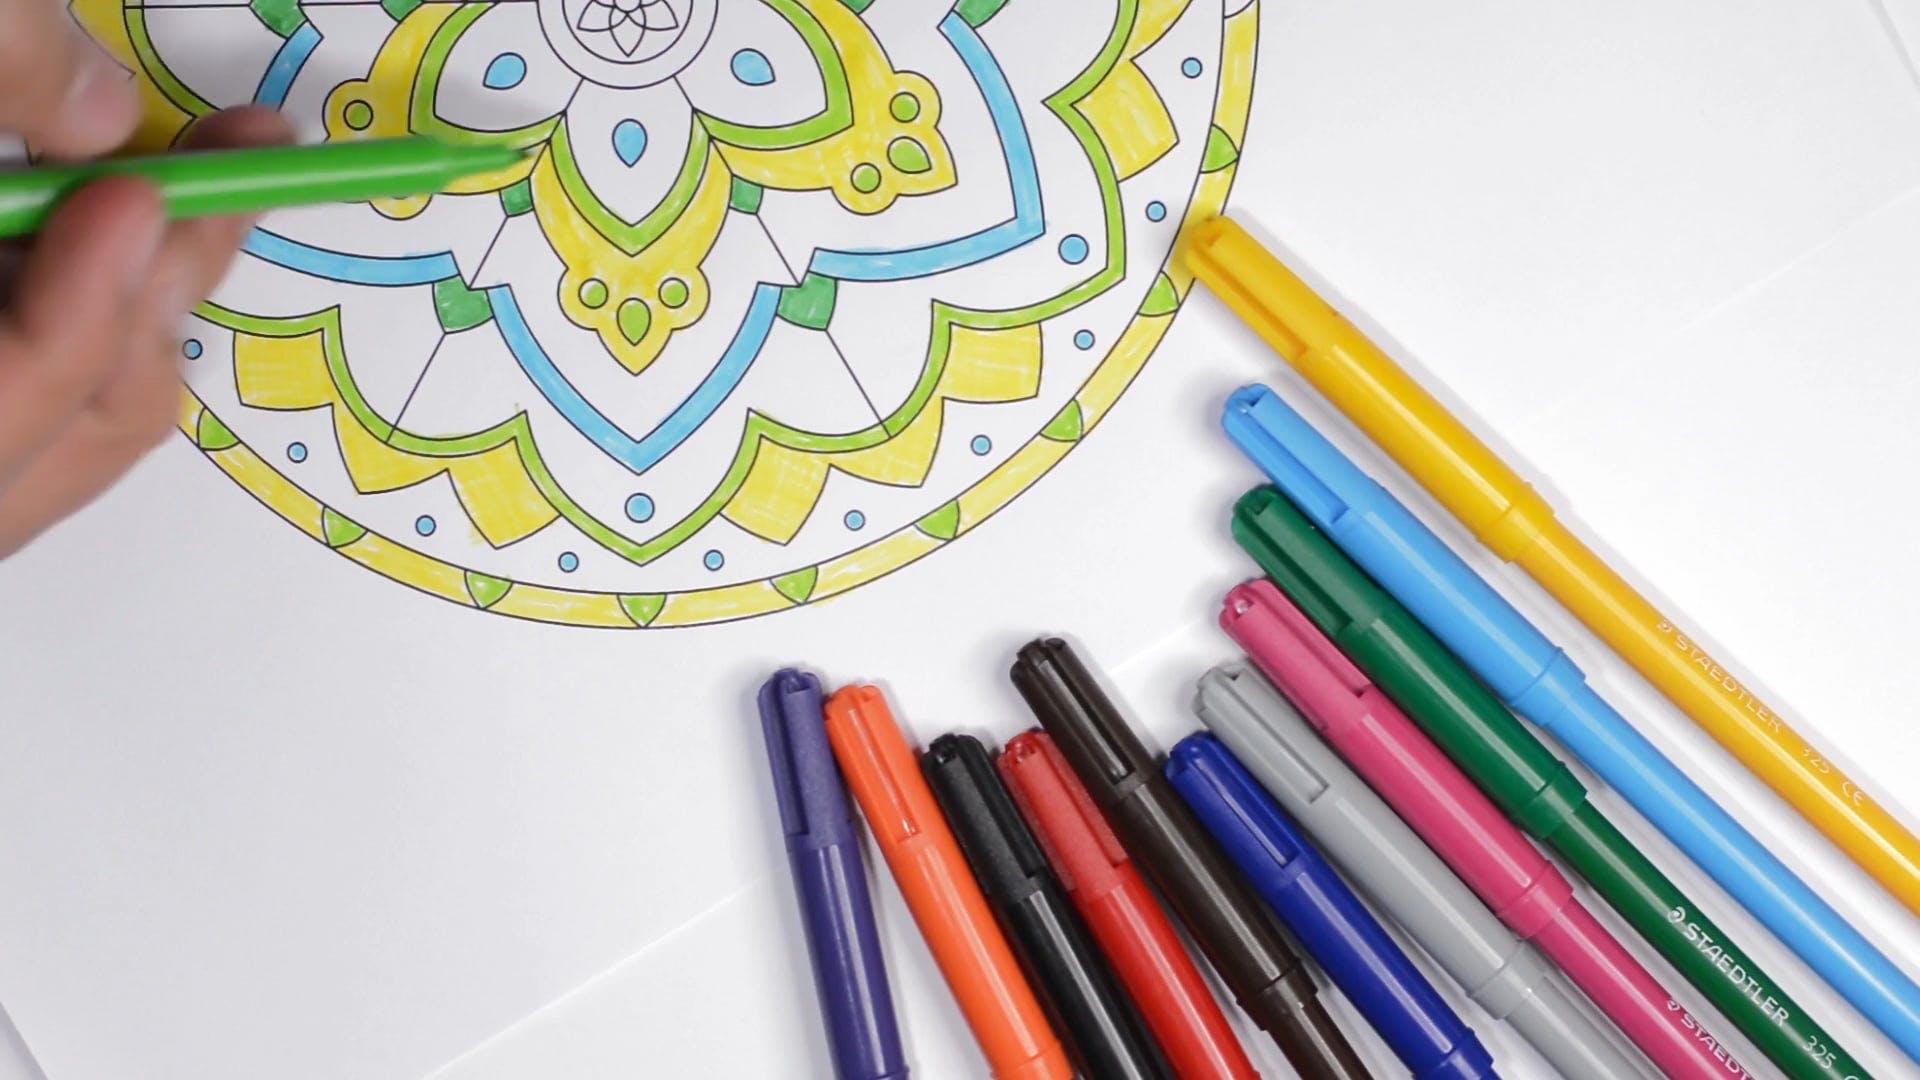 Coloring Kaleidoscope Pattern